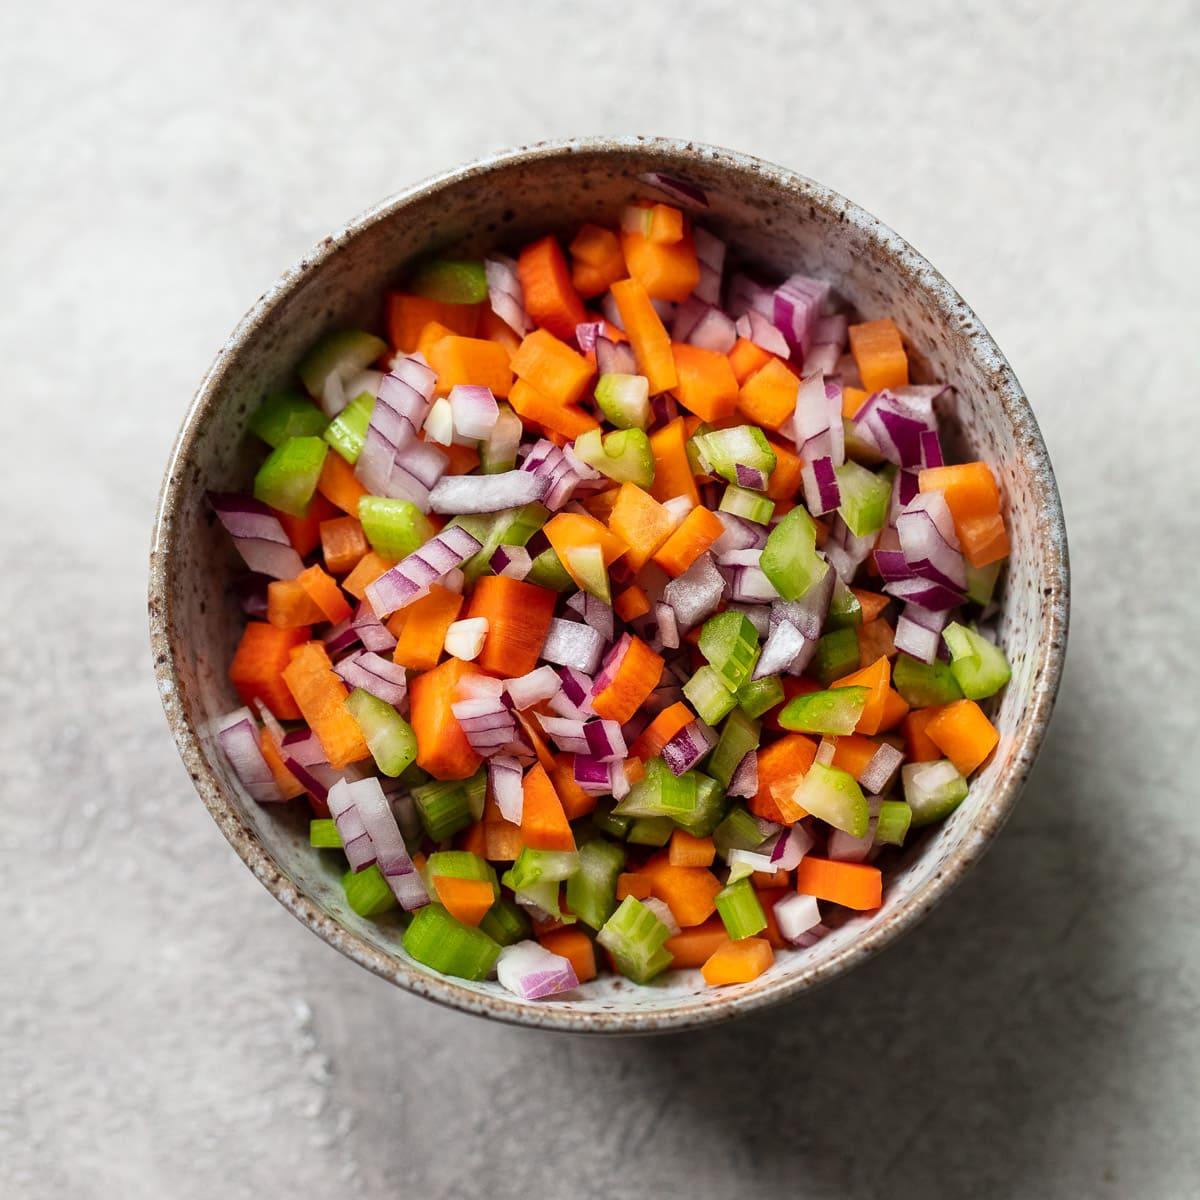 Mirepoix for French Lentil Salad